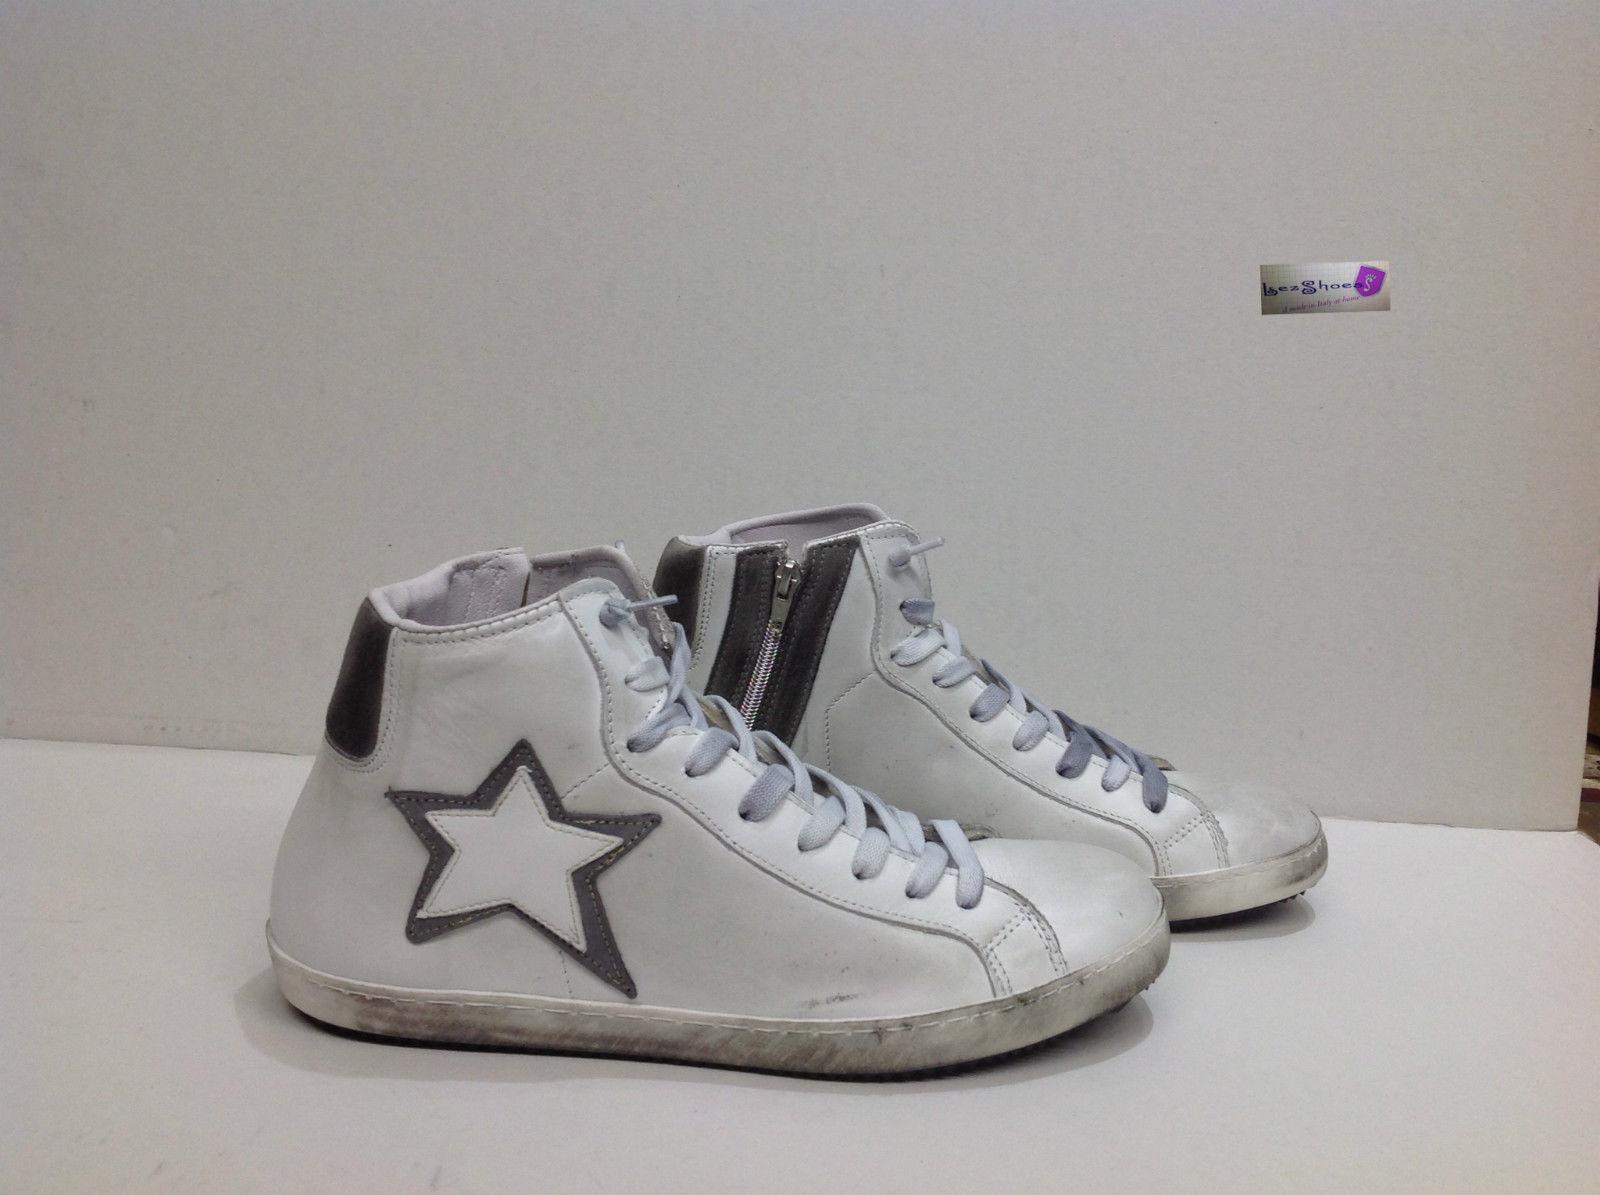 scarpe sneakers alte uomo stivaletto pelle bianca grigio dop. codice   322177001407 3f03ea5b7b2